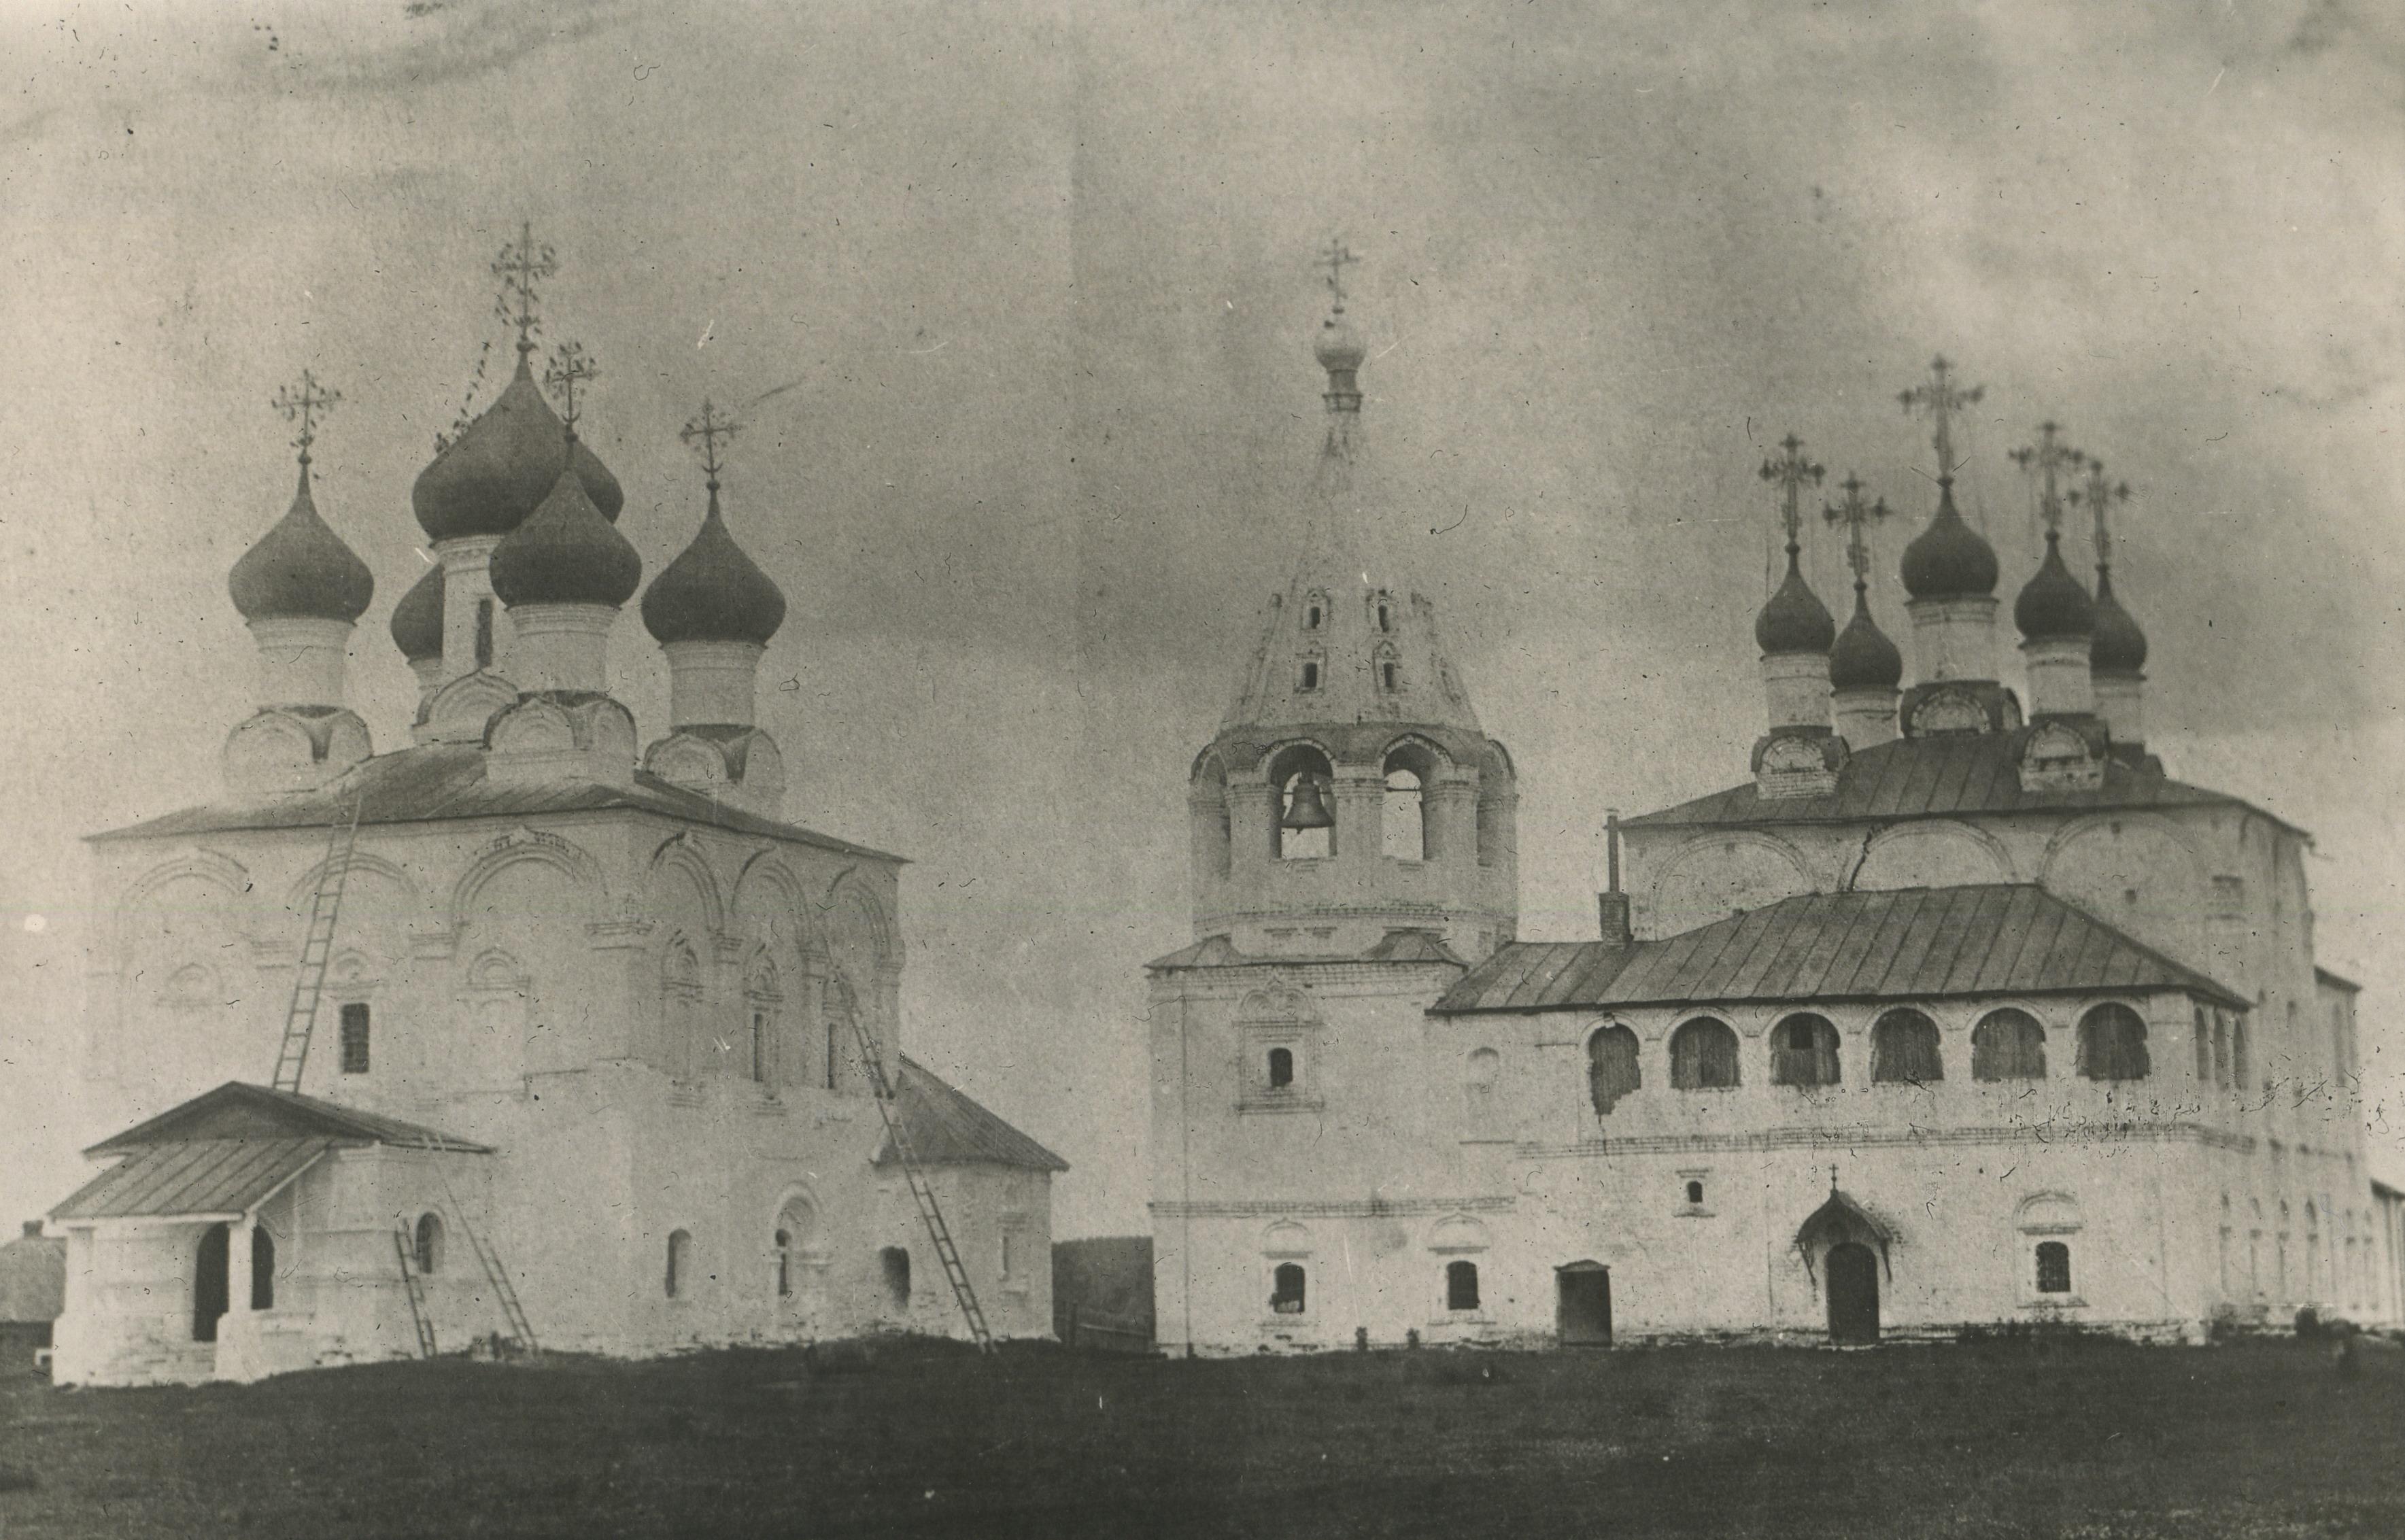 Окрестности Мурома. Монастырь в селе Борис-Глеб. 1890 – 1900